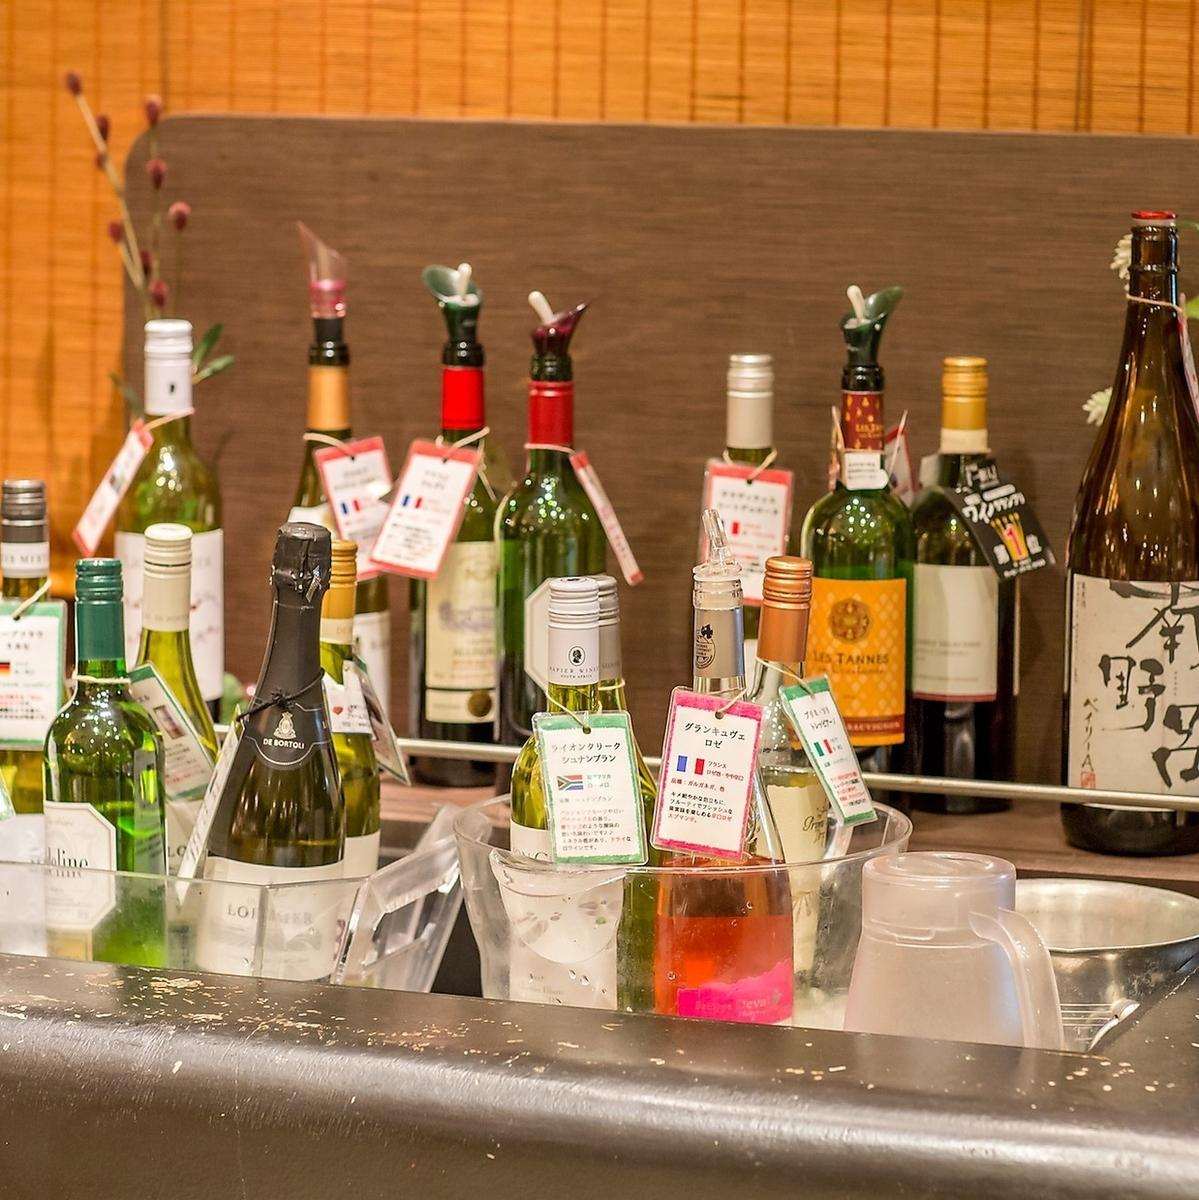 ワインビュッフェ◆15種類丈のその日のおすすめワインが勢ぞろい!